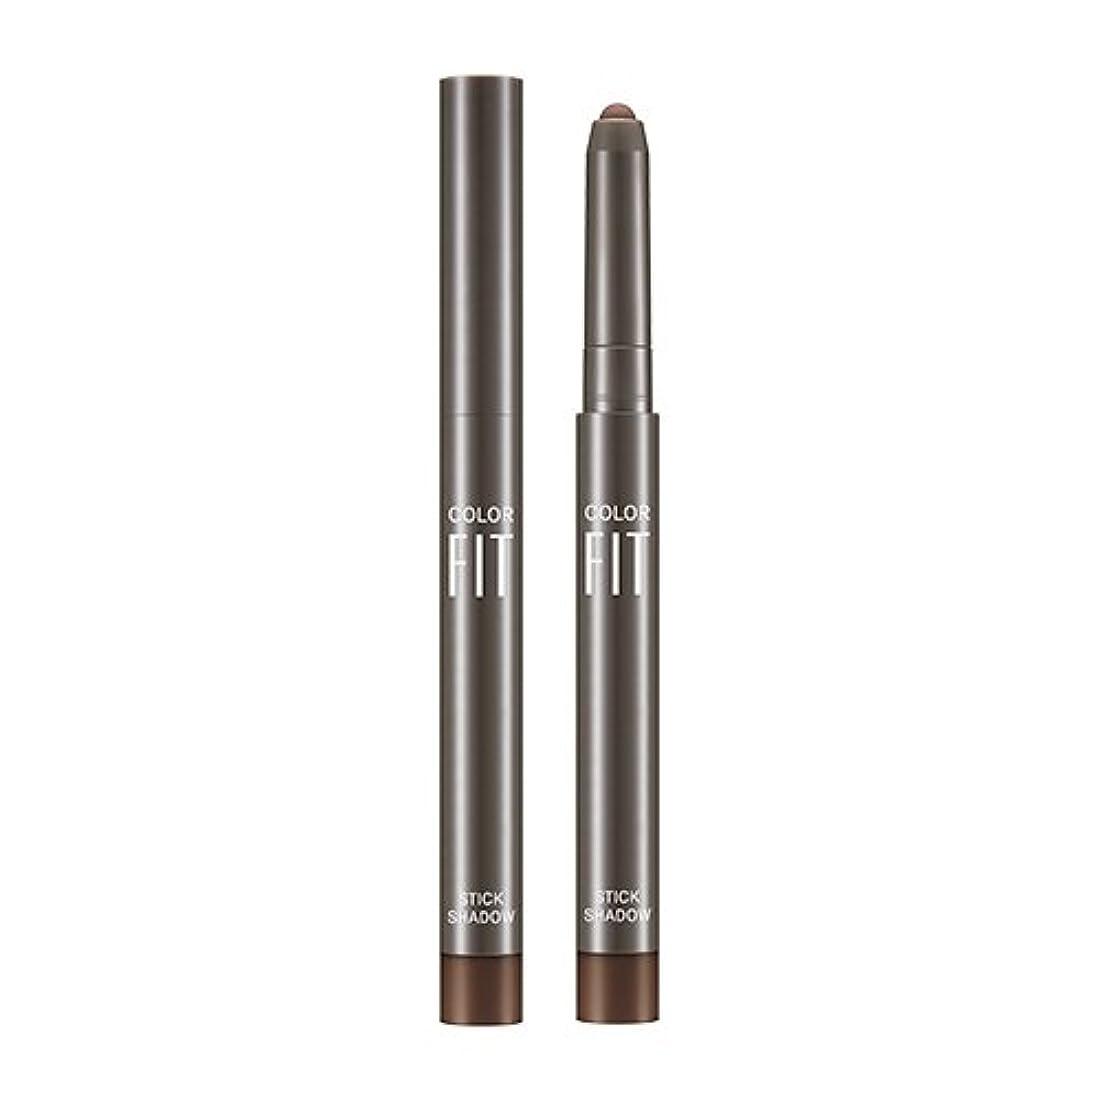 ブルーム士気折MISSHA Color Fit Stick Shadow 1.1g/ミシャ カラー フィット スティック シャドウ 1.1g (#Cacao Pound [MATTE]) [並行輸入品]